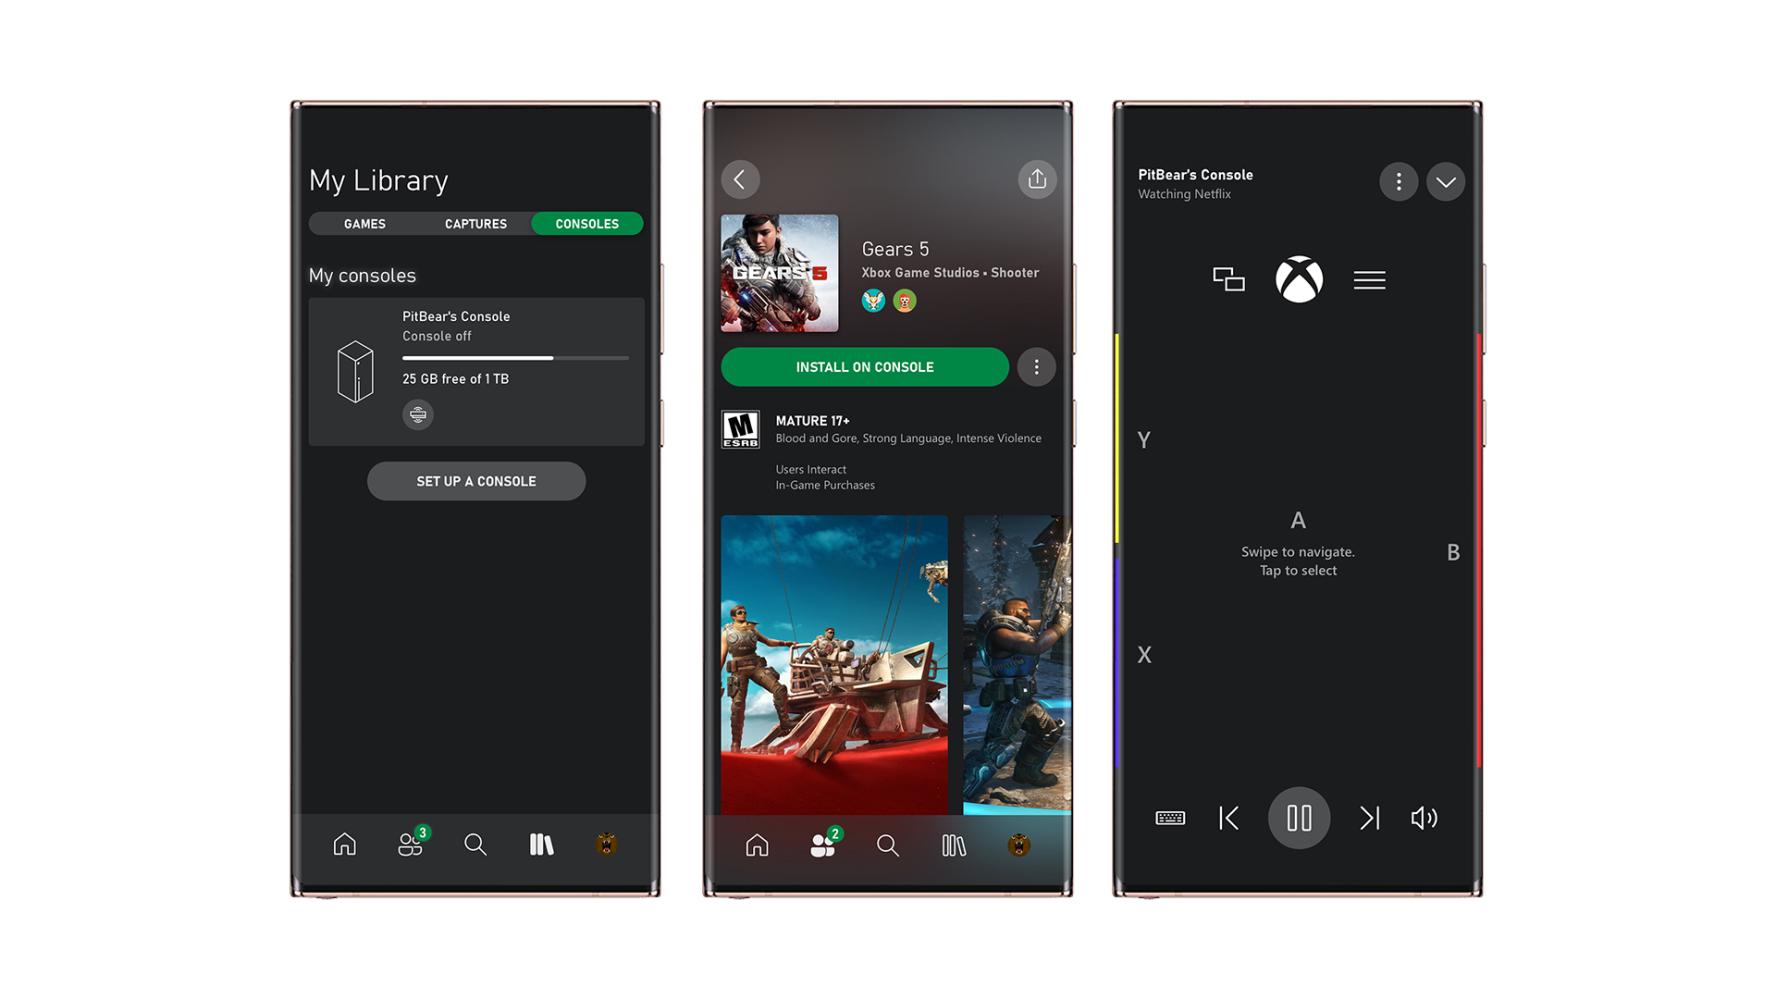 新版Xbox App上架,统一新设计和更多实用功能